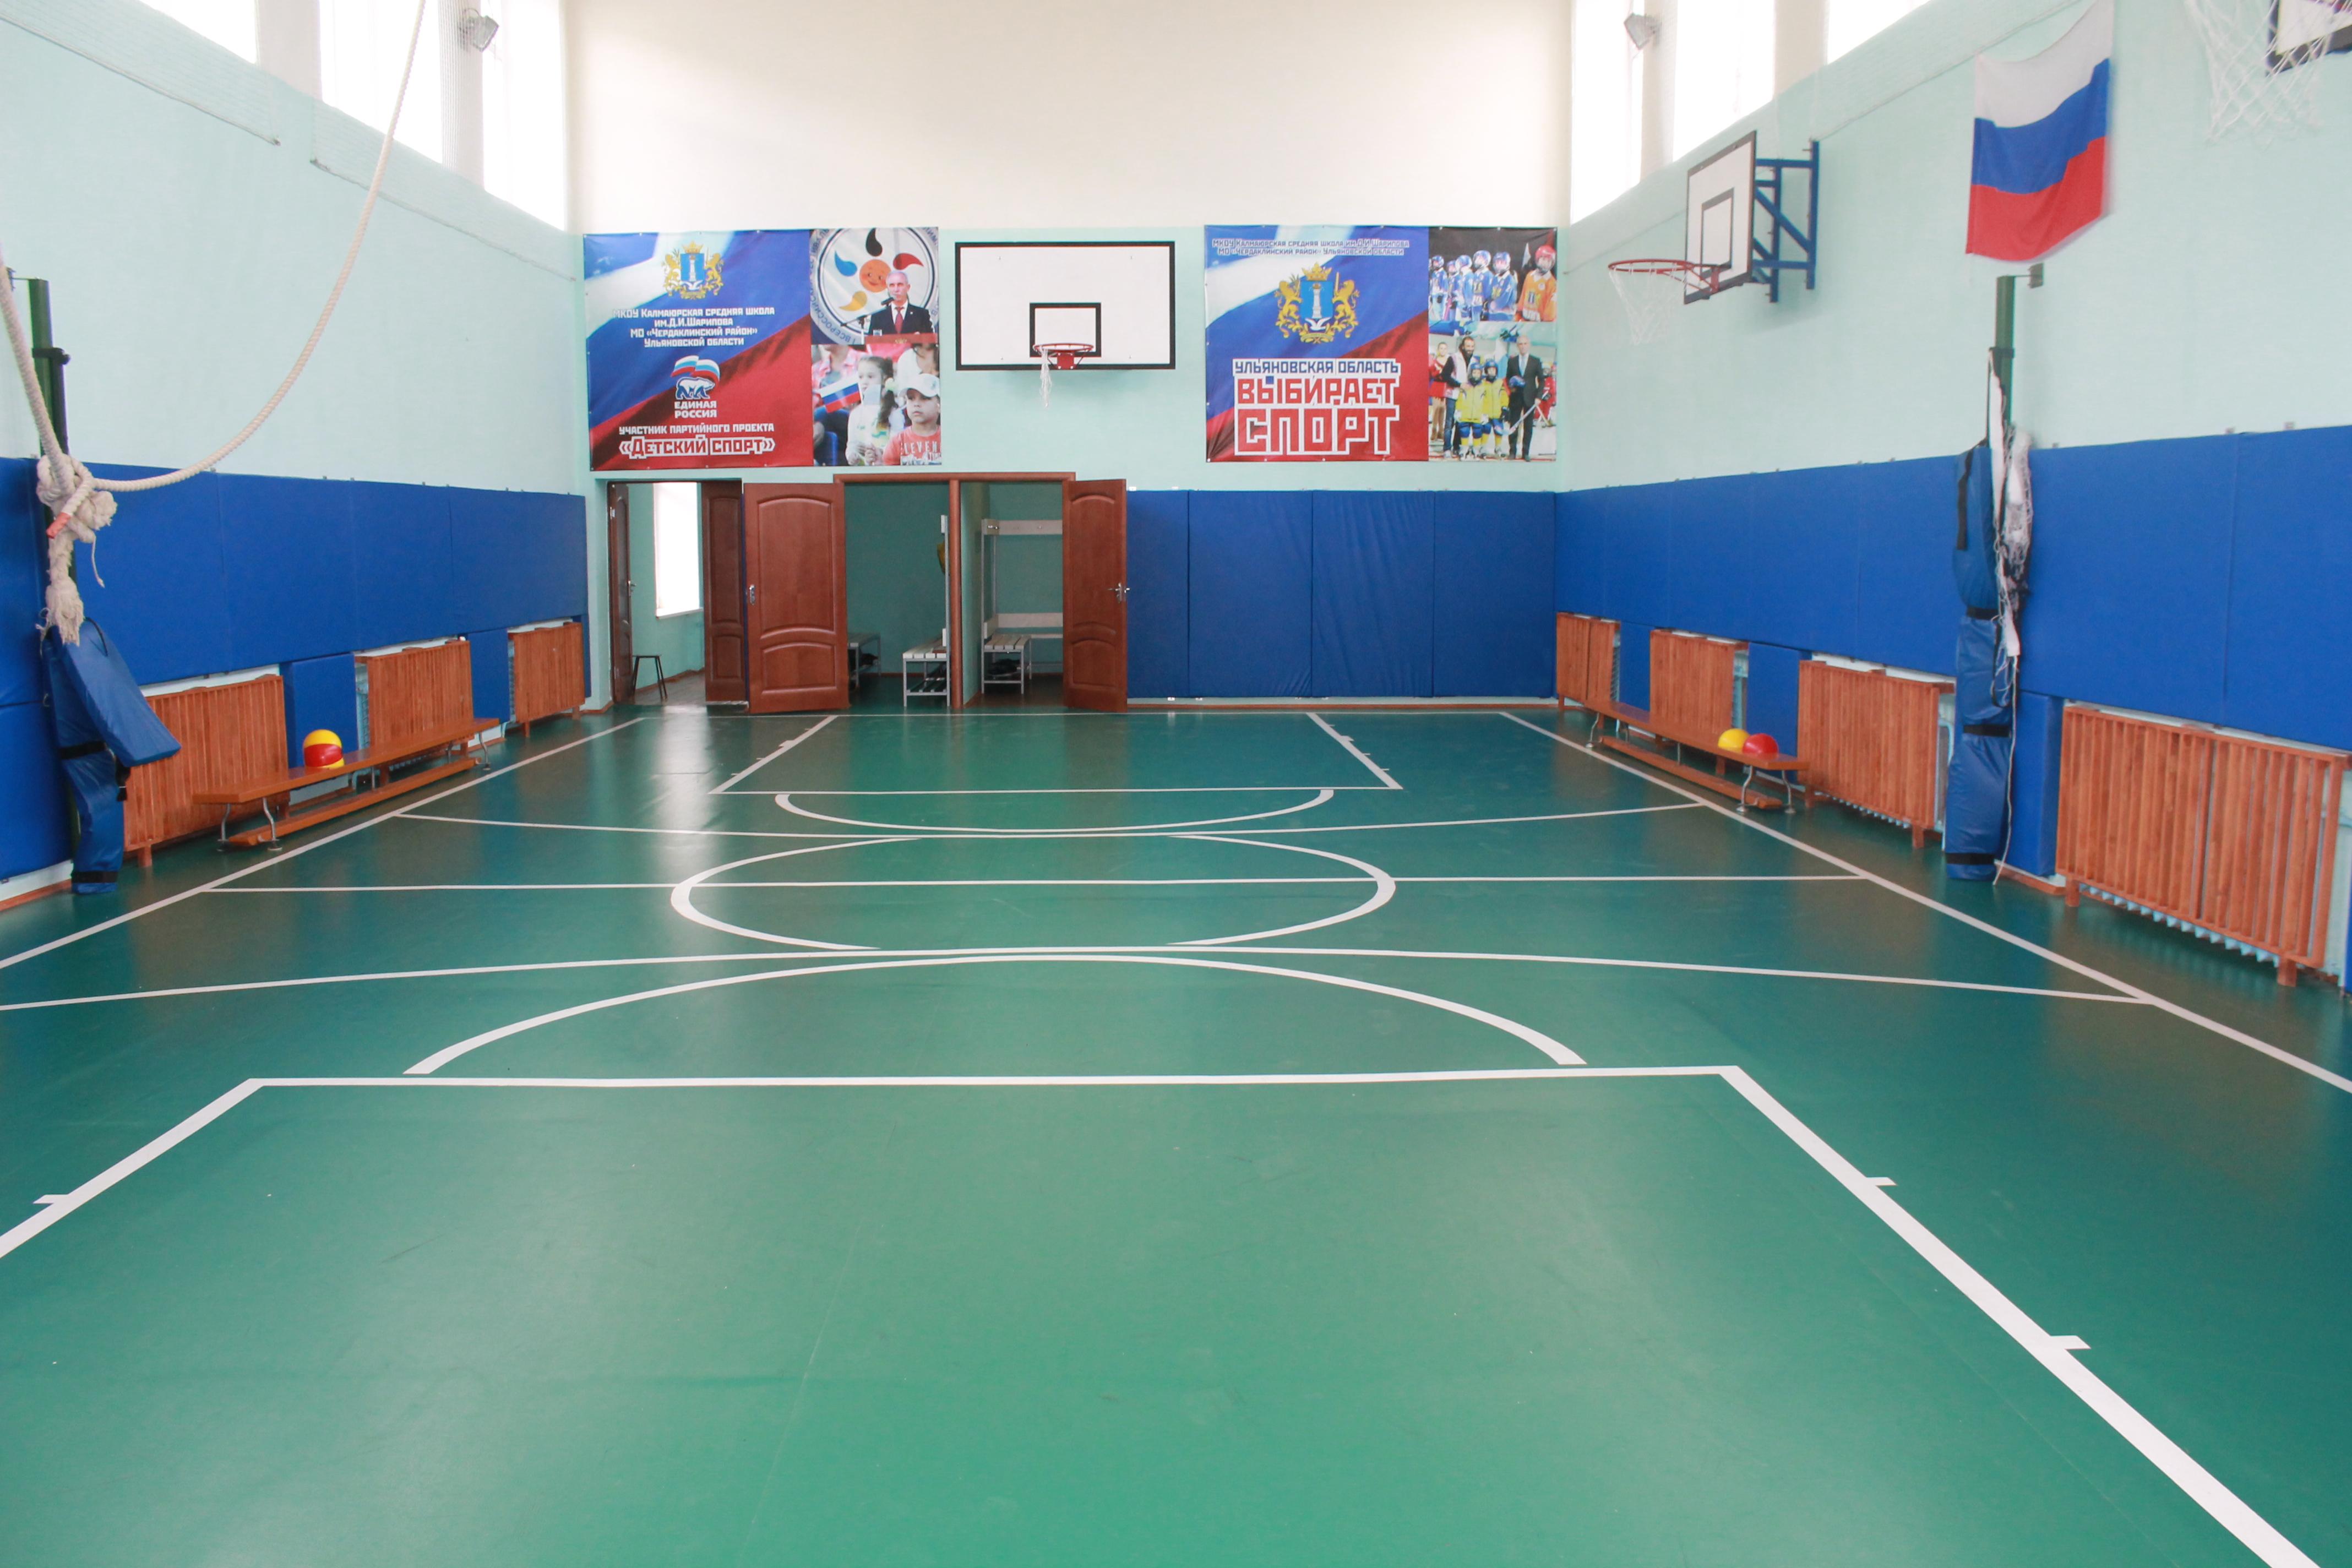 ела картинки спортивный зал в школе каждый человек может